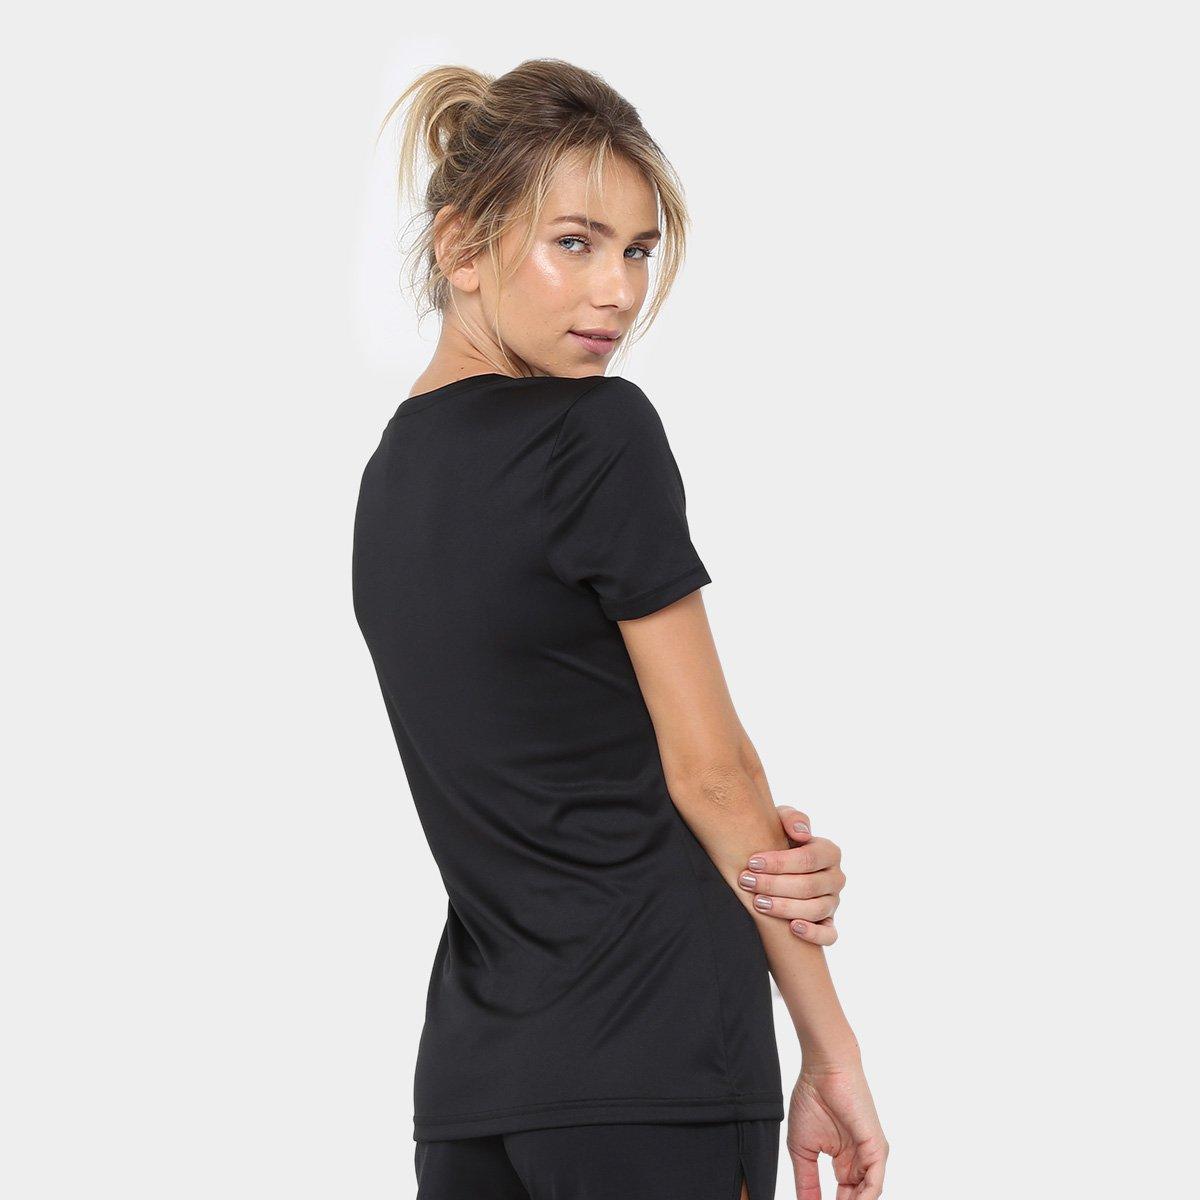 Camiseta Feminina Camiseta Preto Run Reebok Bp Reebok Oxx5S1gq